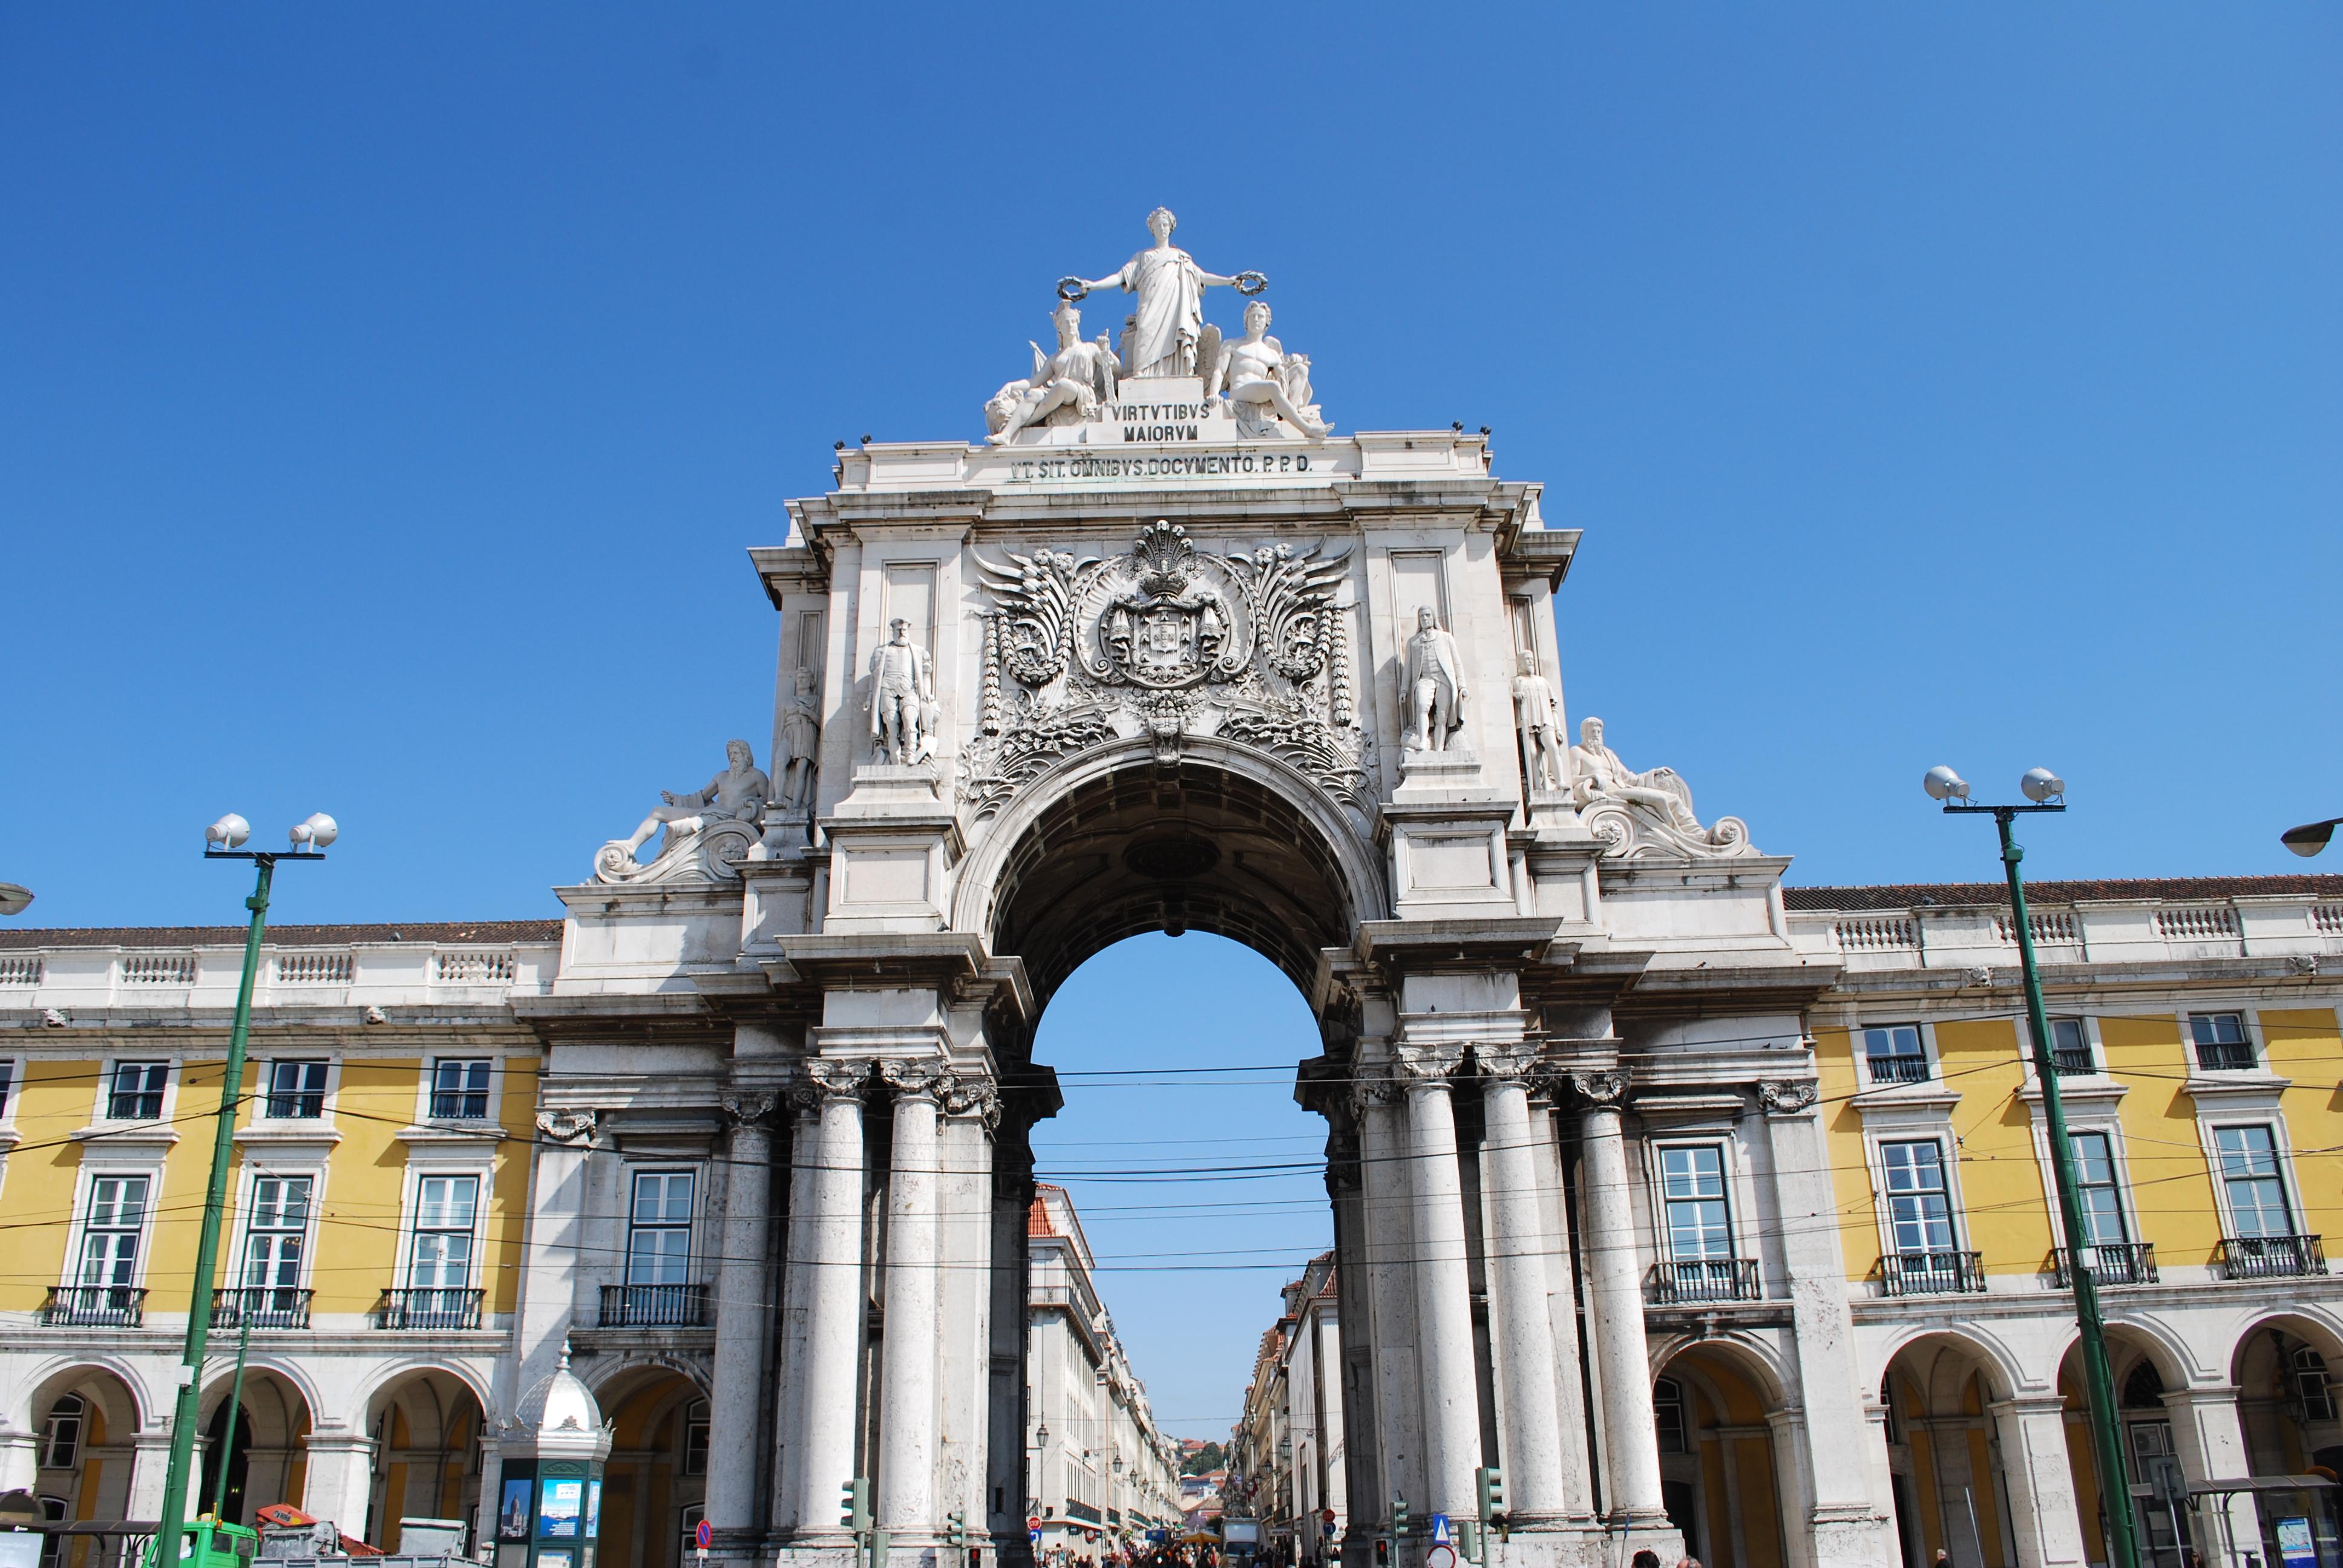 File:Lisboa - Praça do Comércio - Relógio.jpg - Wikimedia Commons